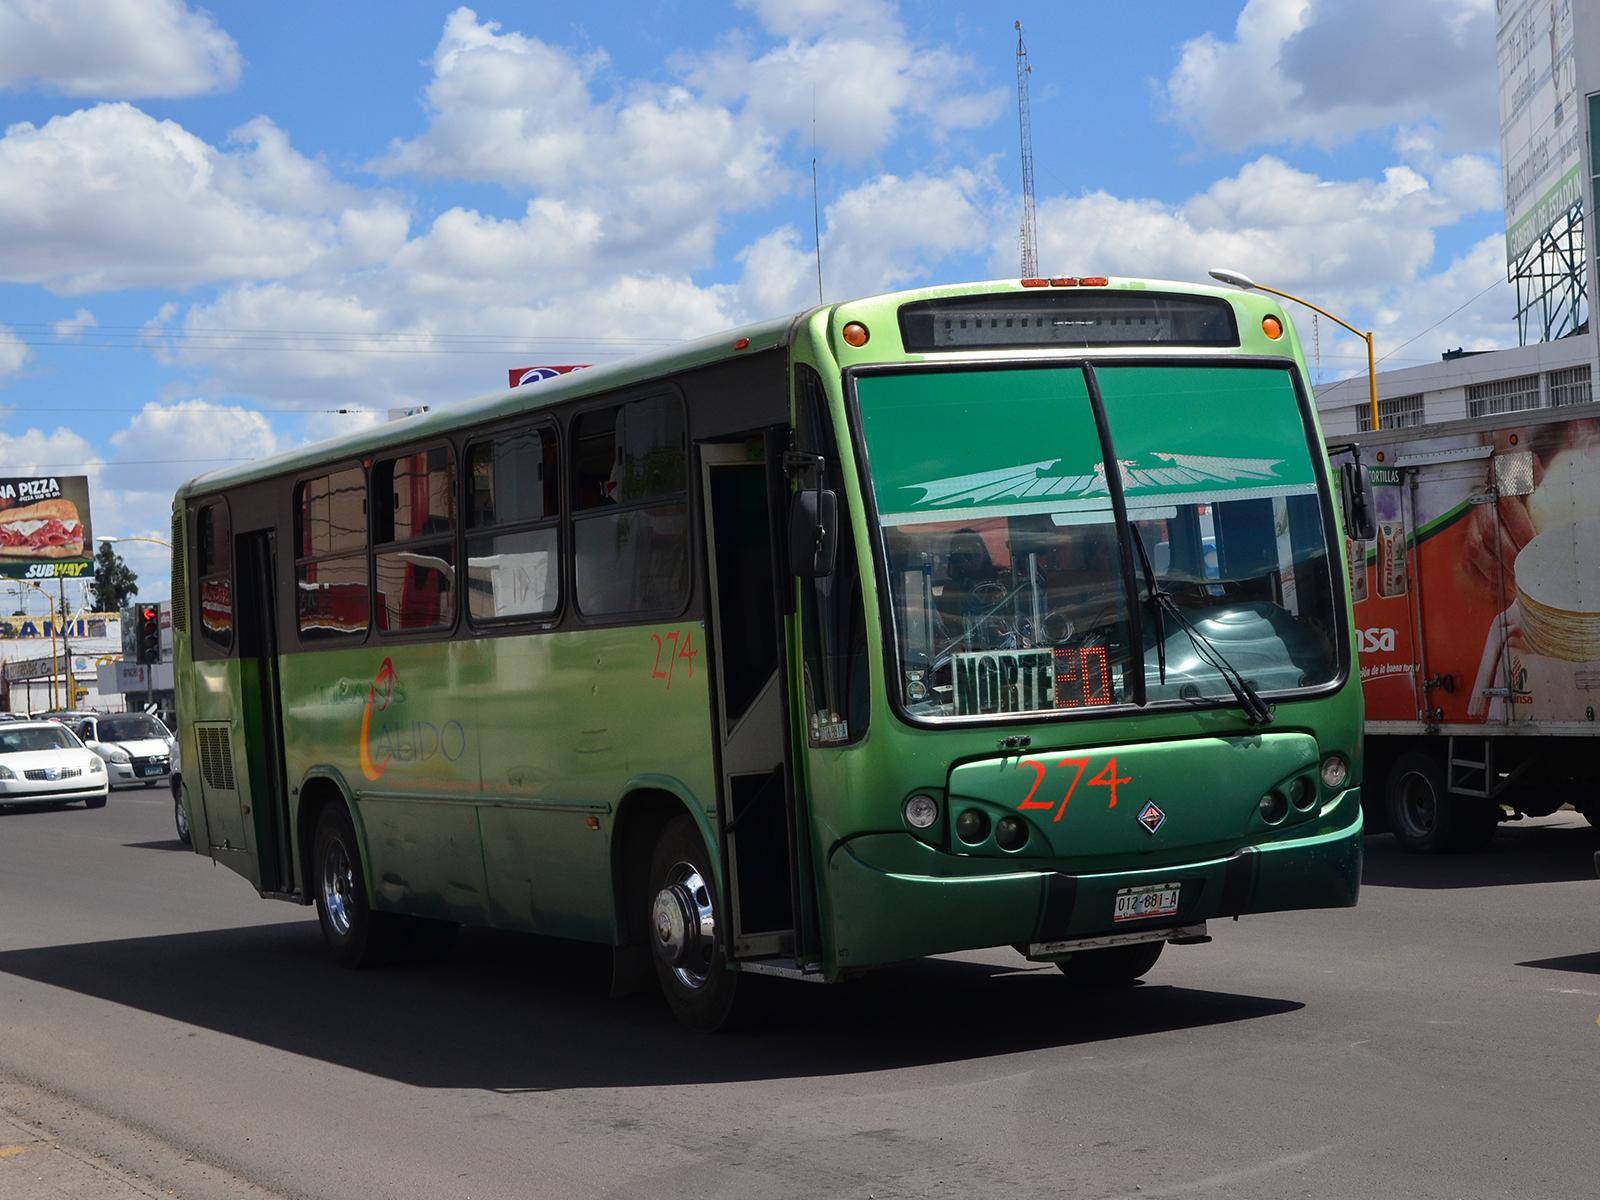 En Septiembre Estarían Circulando los Nuevos Camiones Urbanos: J. Carlos Medina Mazzoco